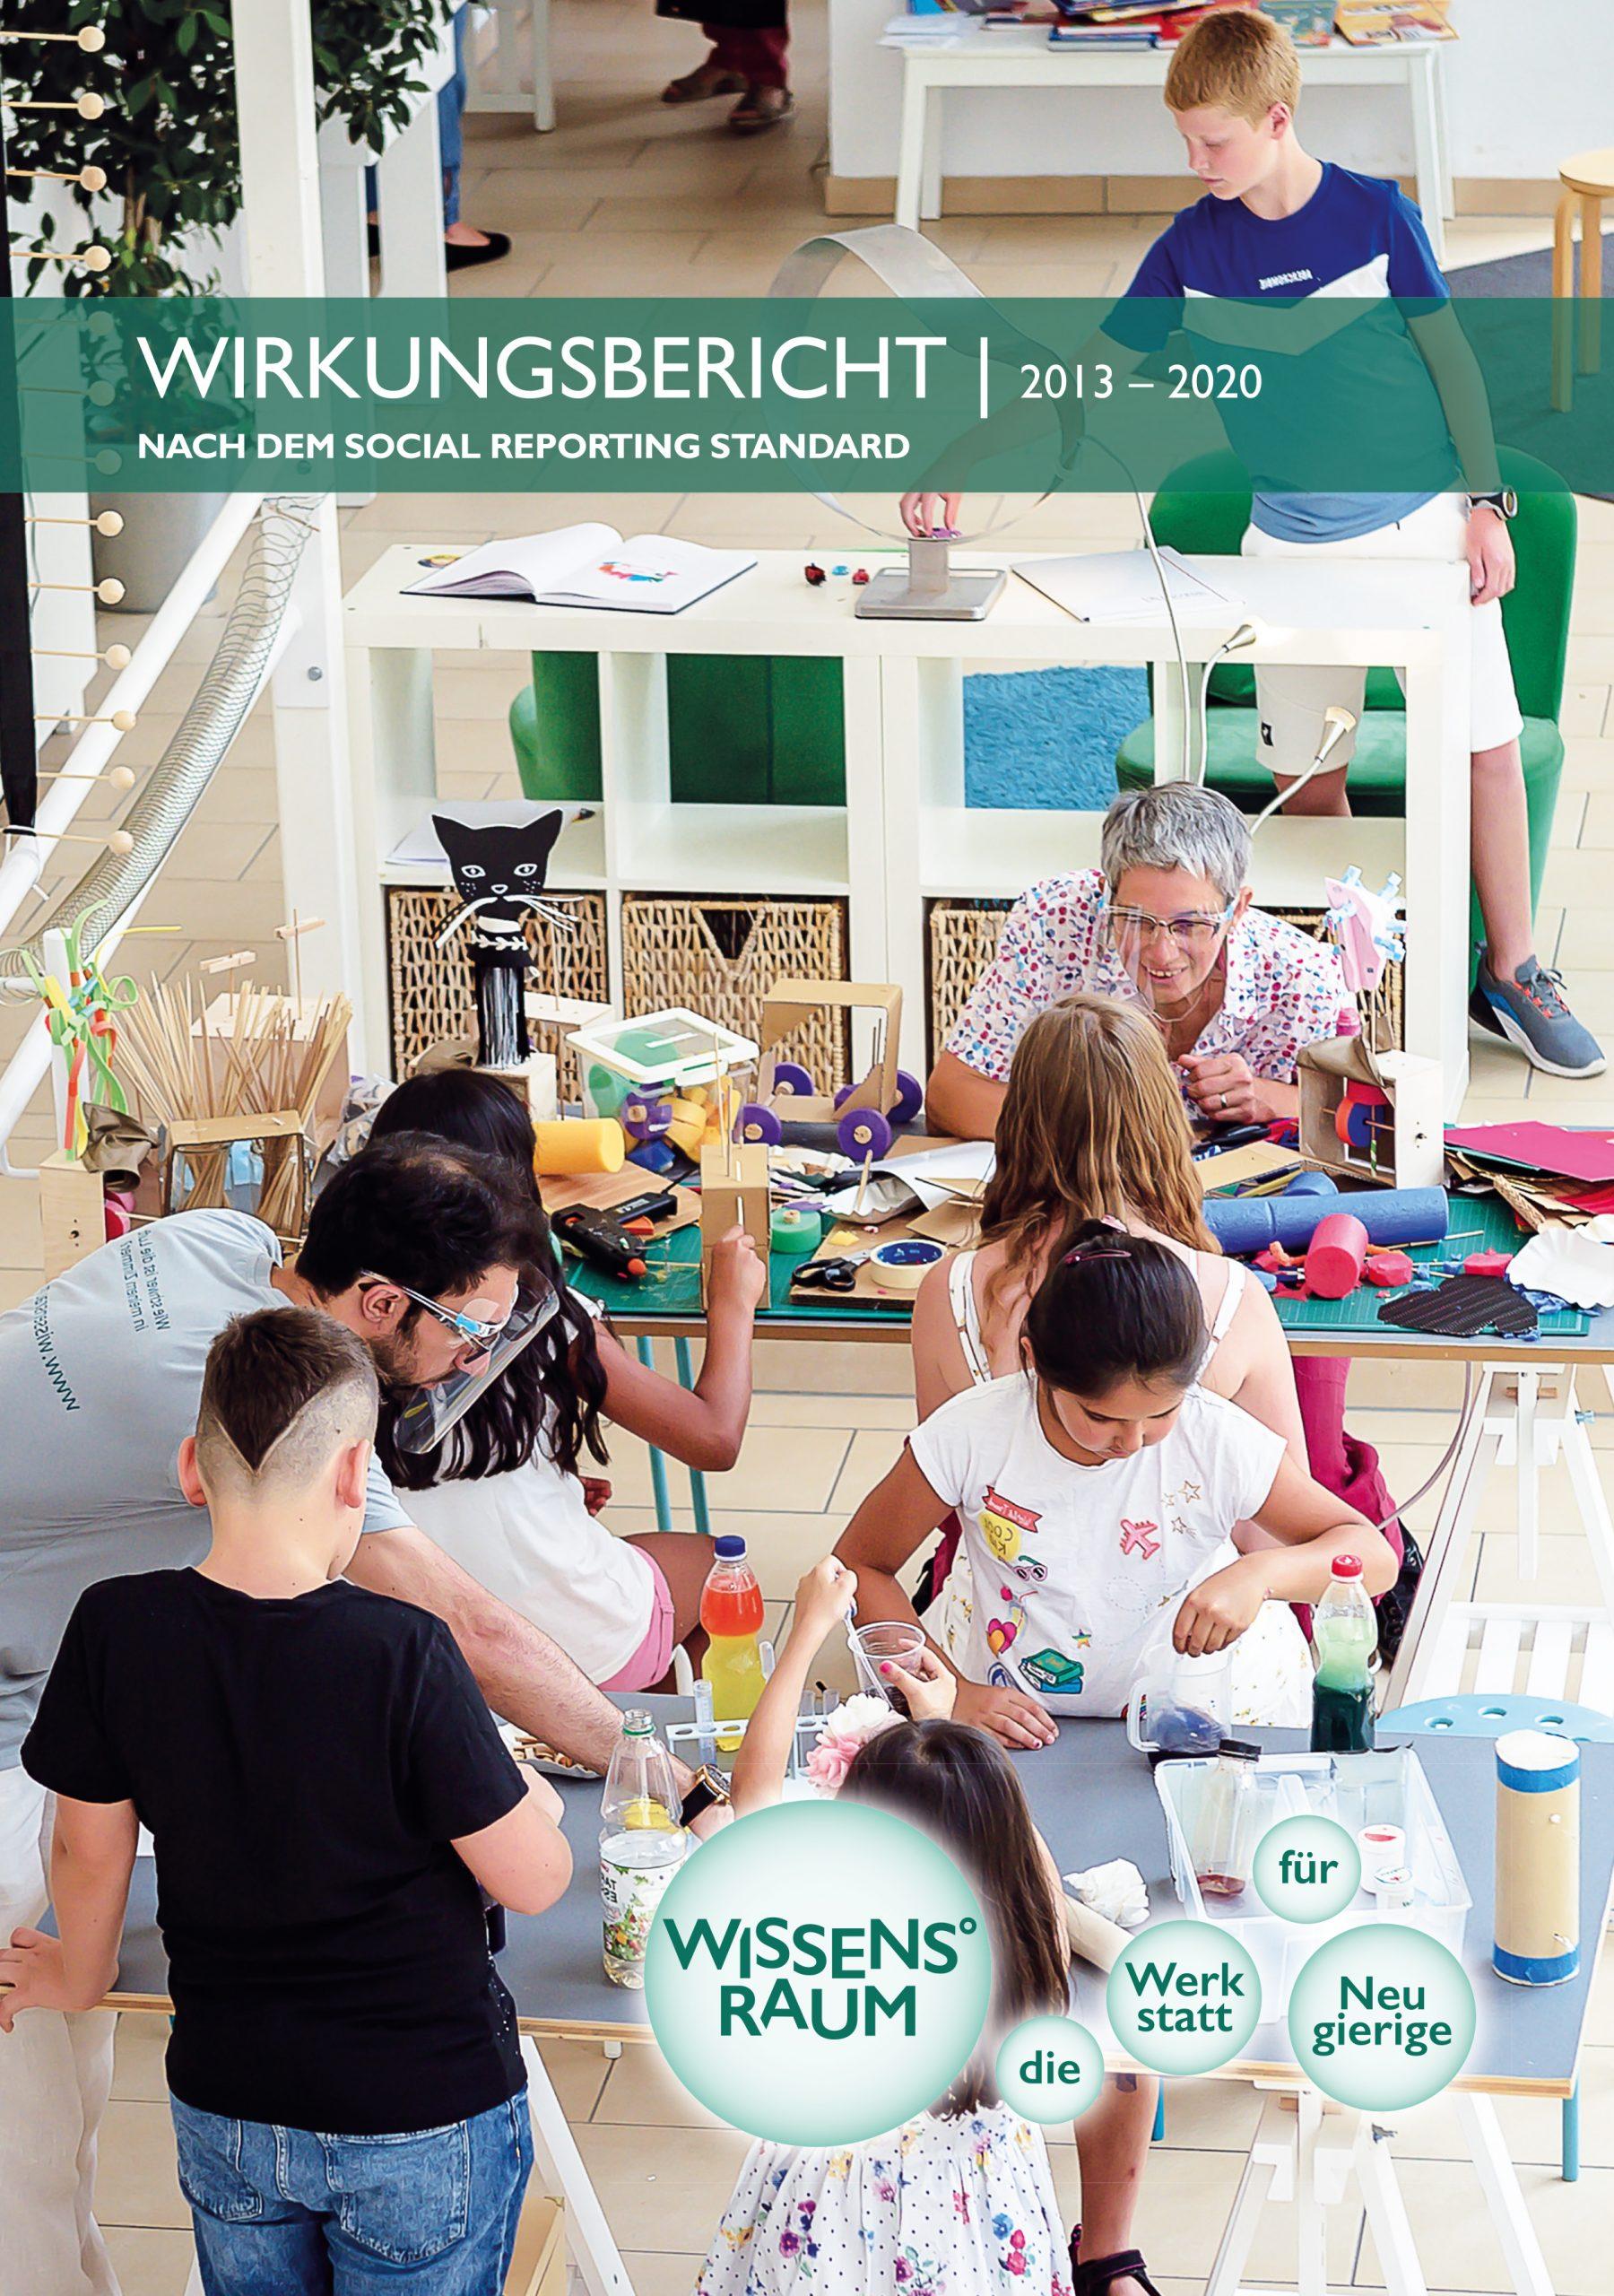 Wissens°Raum_Wirkungsbericht_LETZTE KORREKTUREN_090221.indd